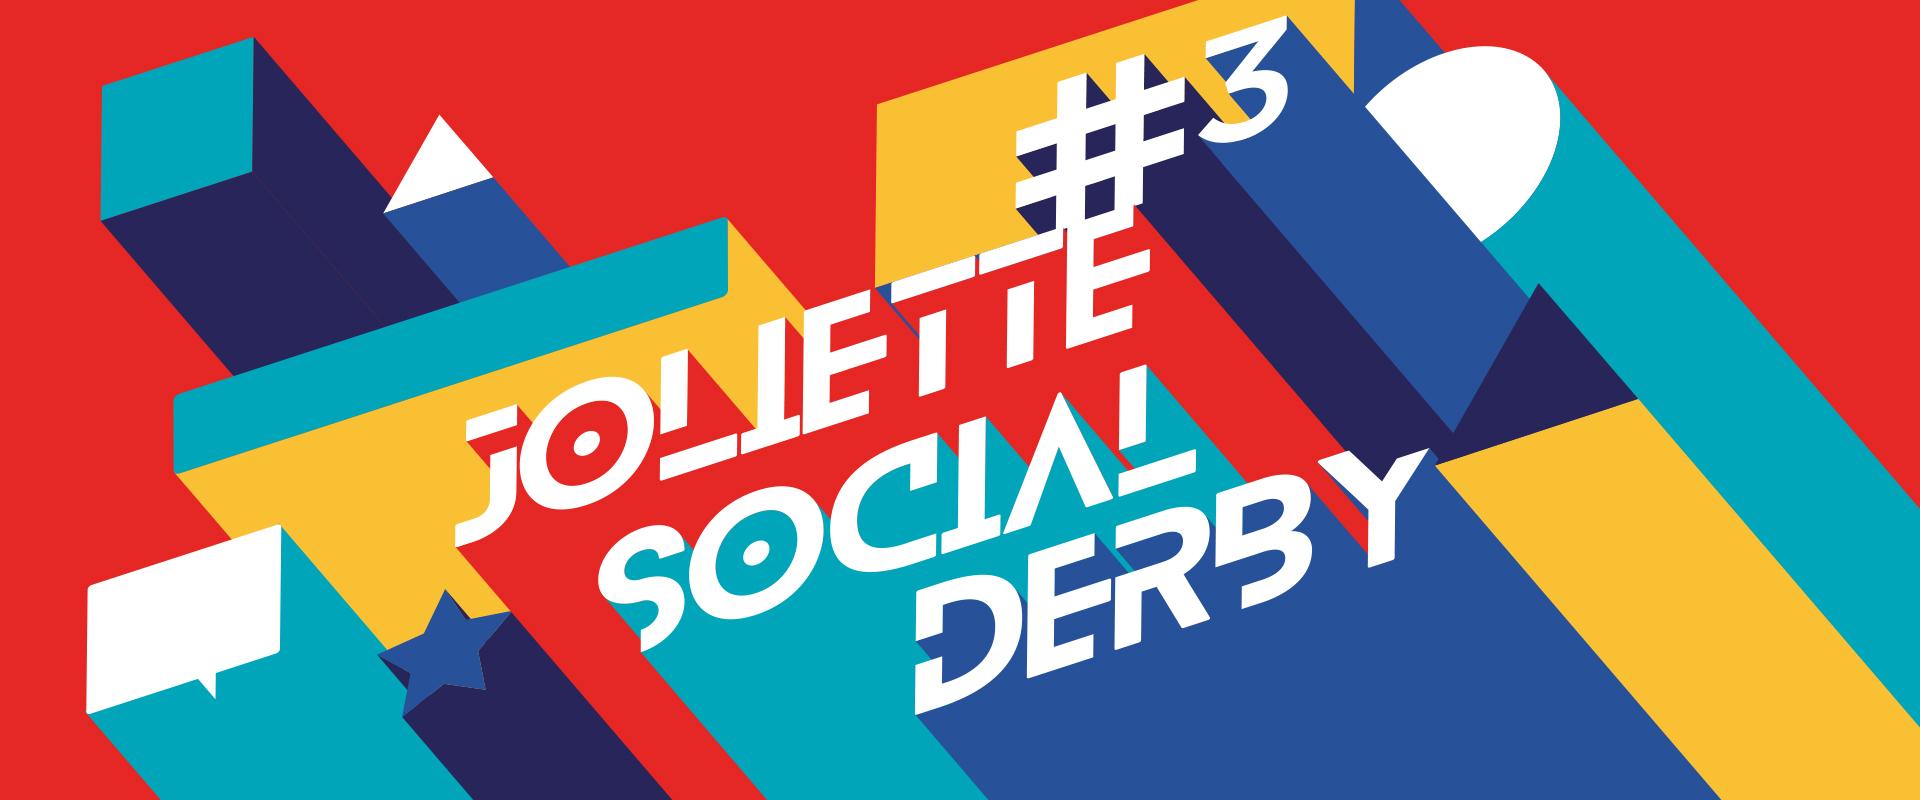 Joliette Social Derby